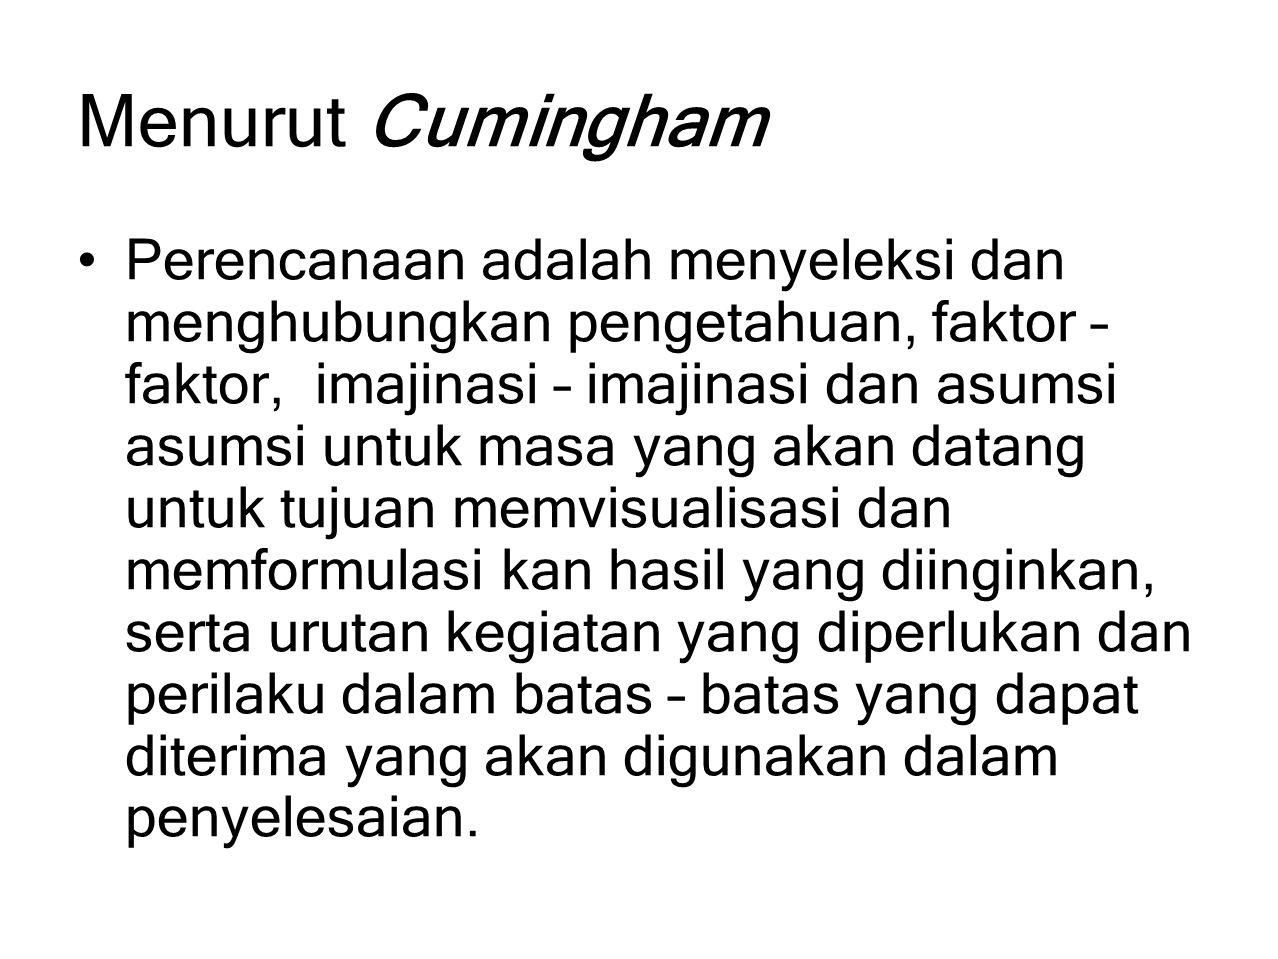 Menurut Cumingham